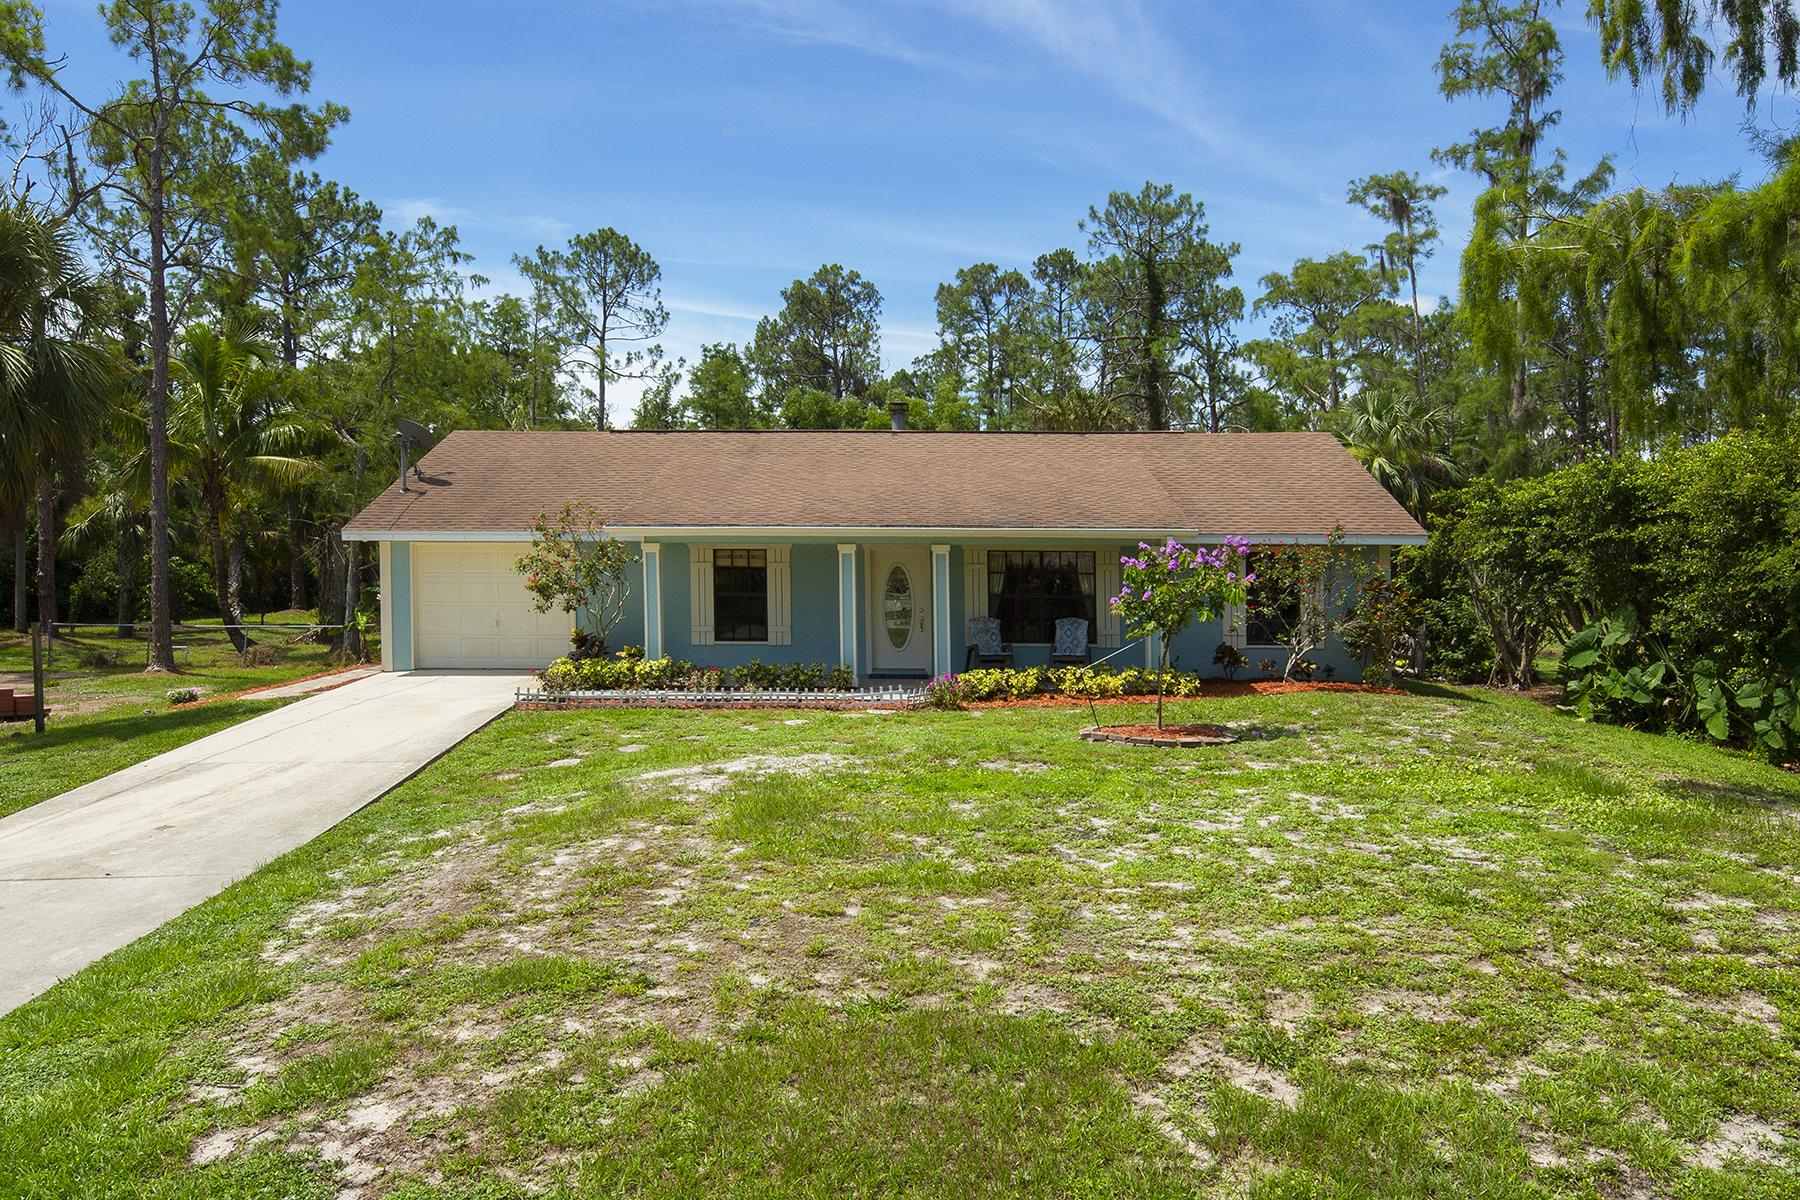 獨棟家庭住宅 為 出售 在 Naples 5260 Hickory Wood Dr Naples, 佛羅里達州 34119 美國